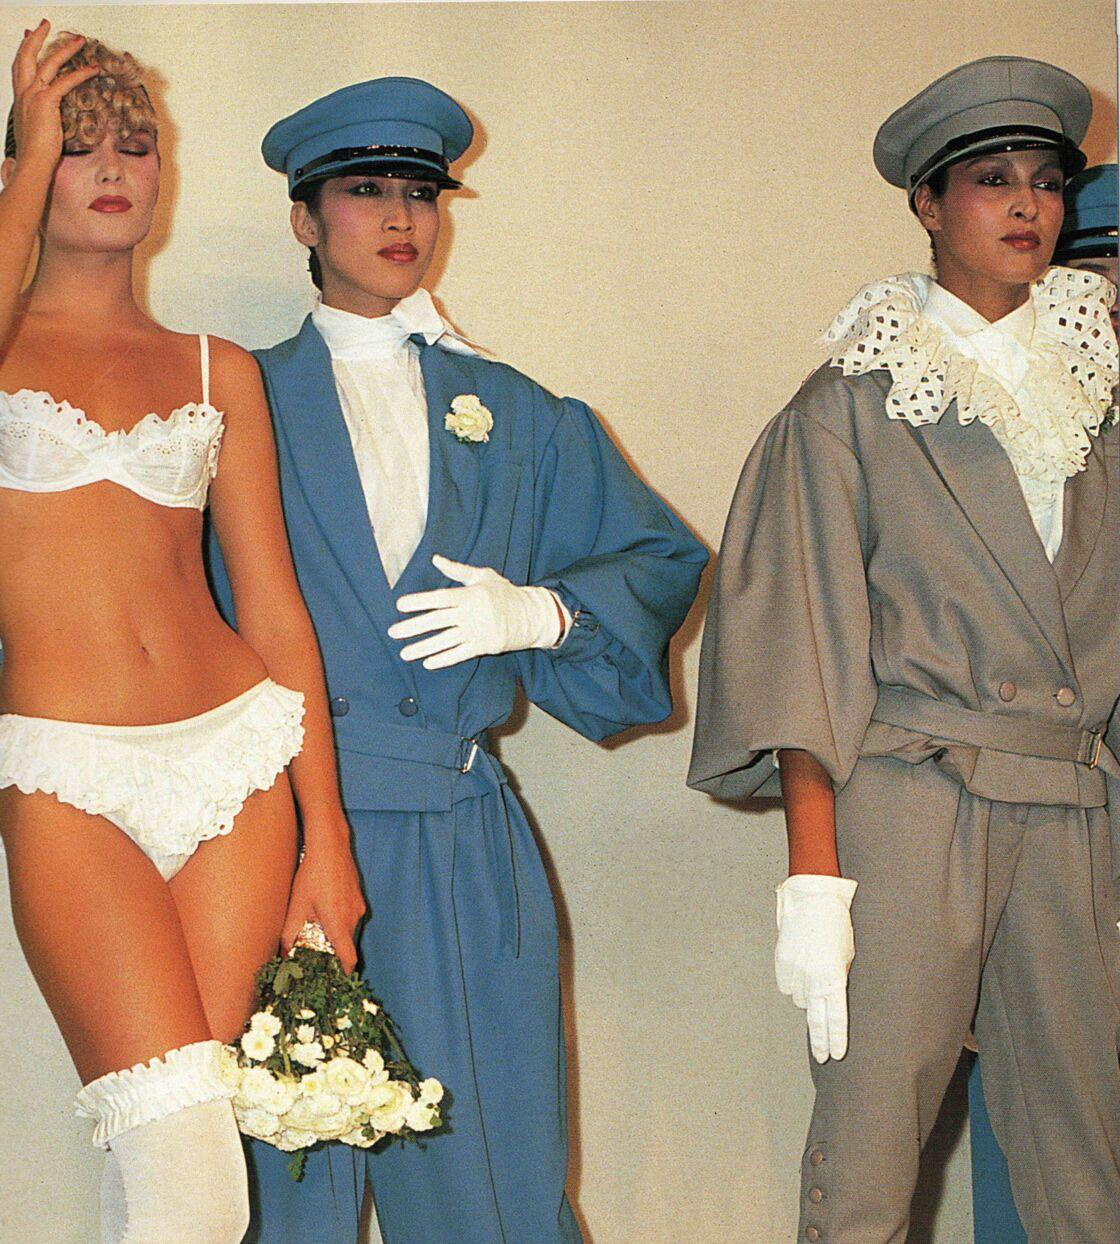 Quand la lingerie fait son entrée dans la mode Chantal Thomass. Défilé été 1976.